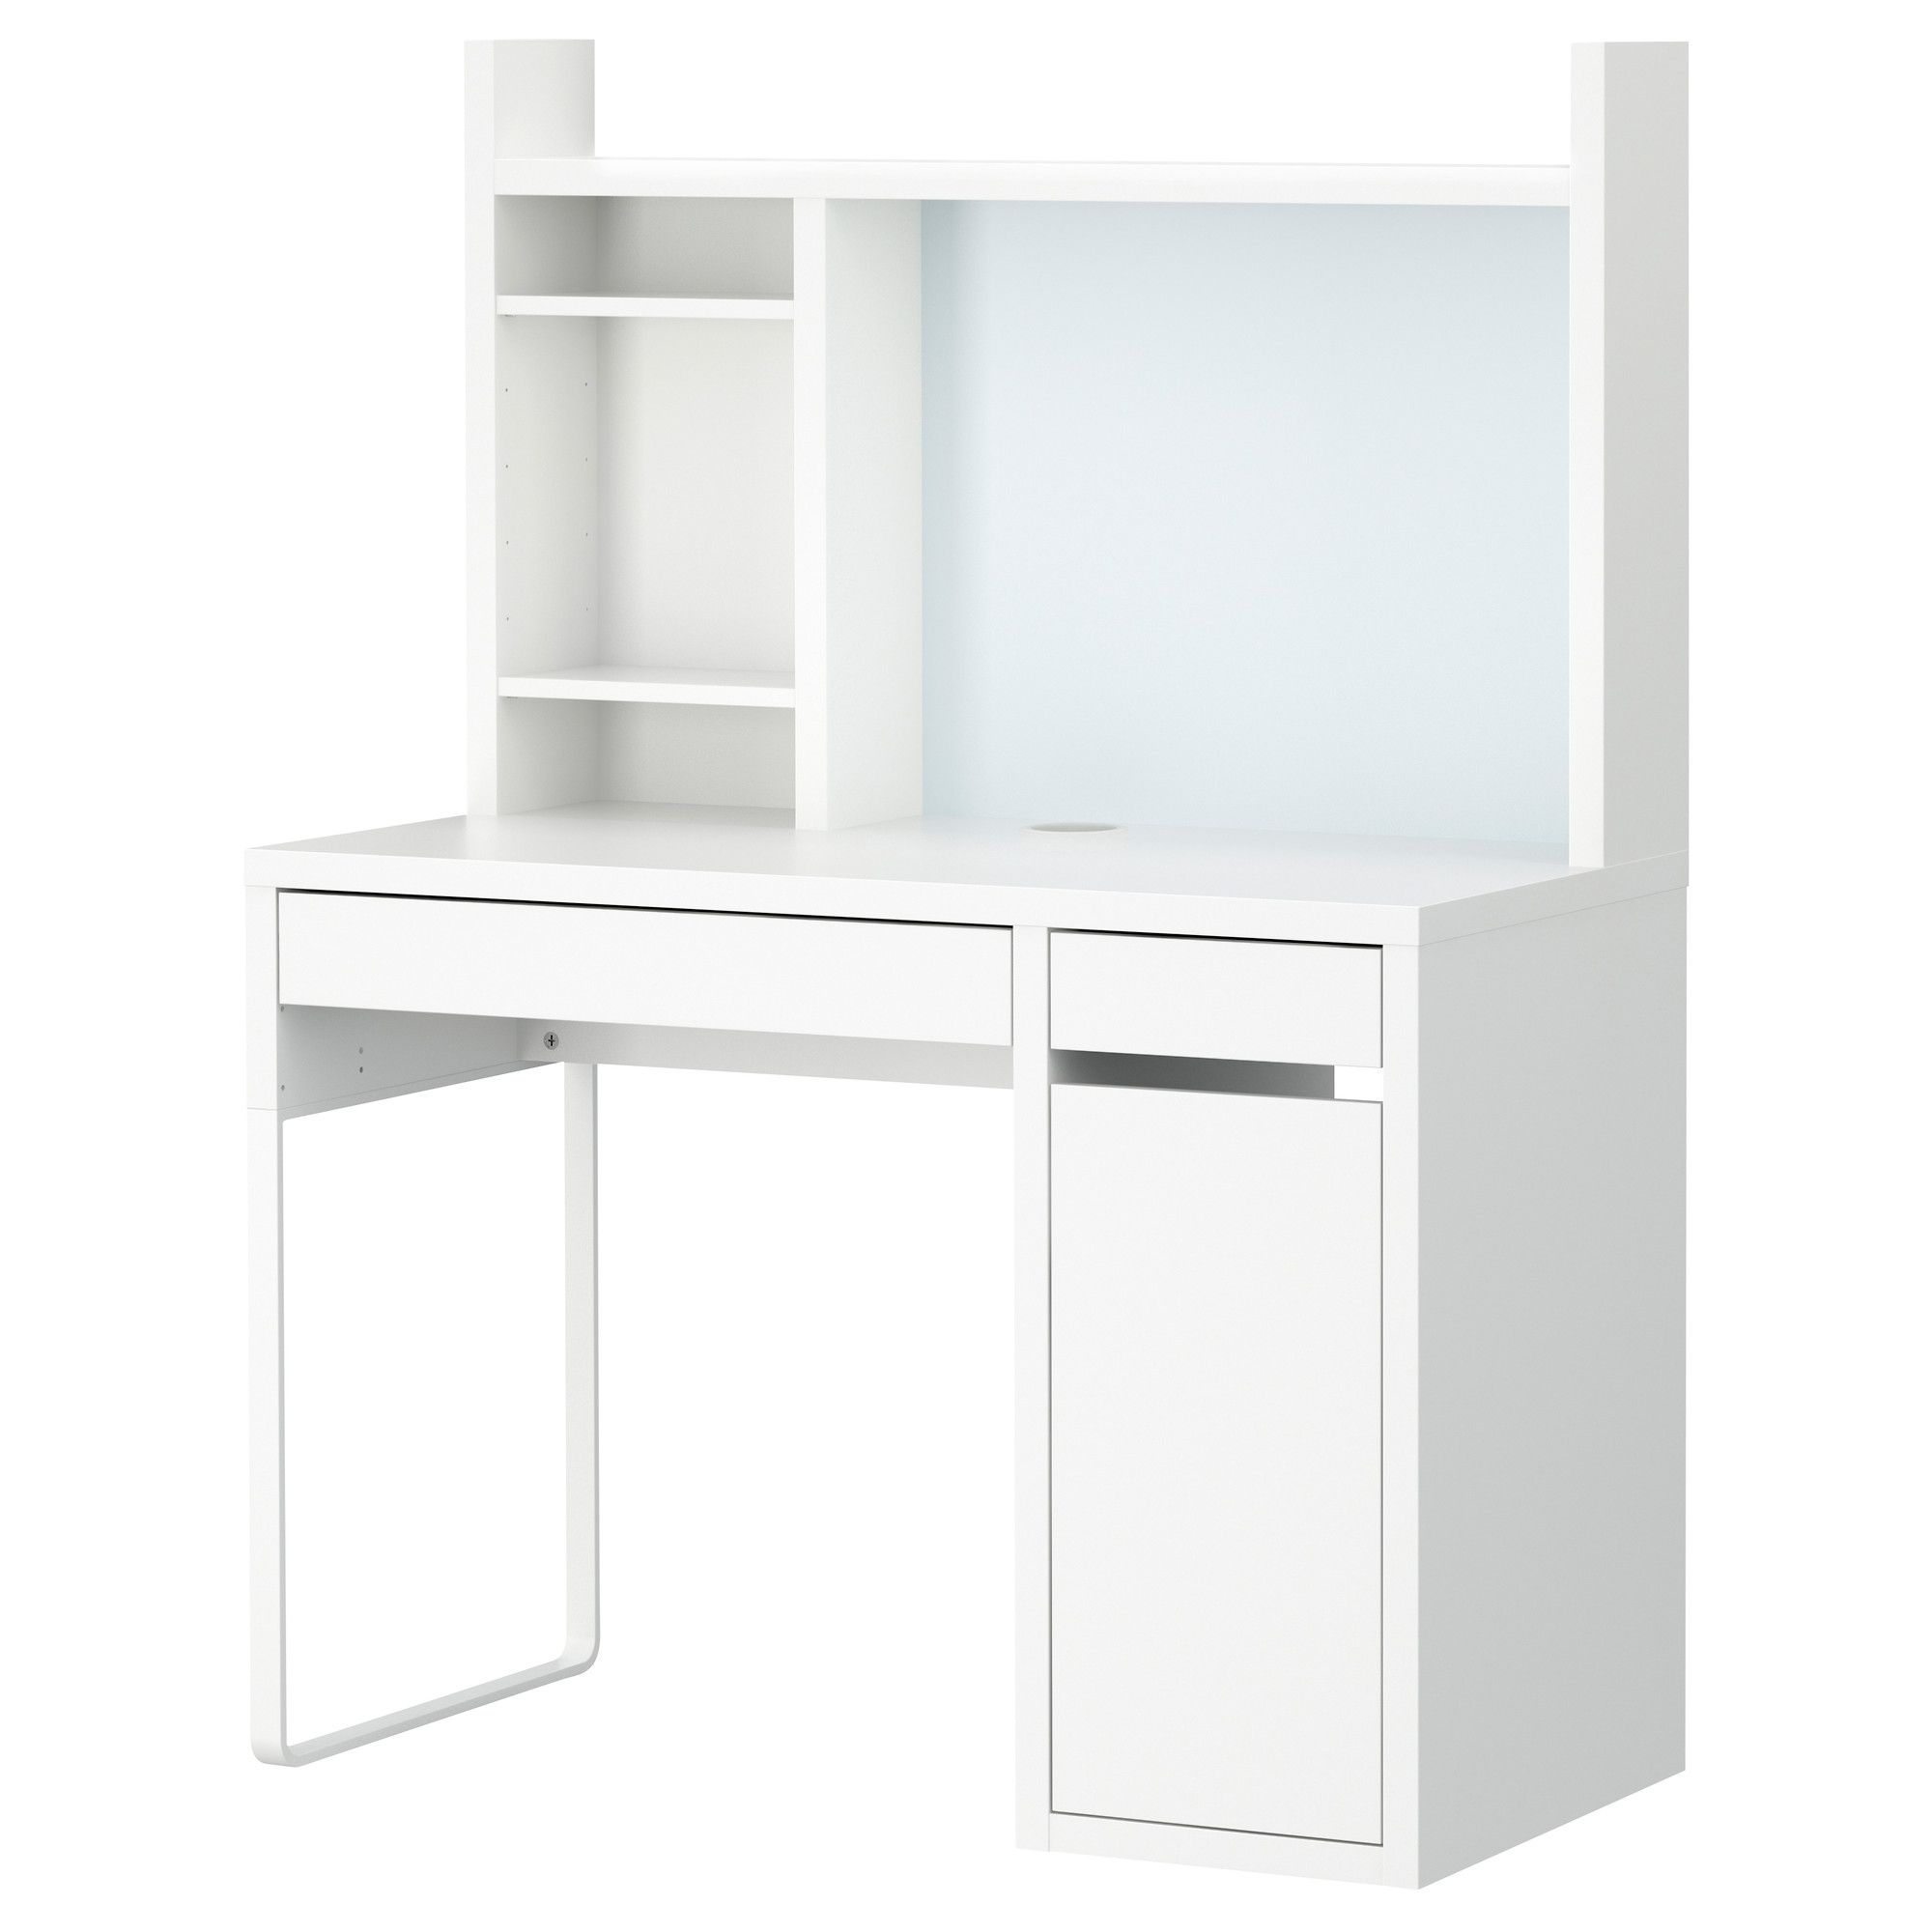 Micke Desk White 41 3 8x19 5 8 Add To Cart Ikea Ikea Micke Ikea Ikea Micke Desk